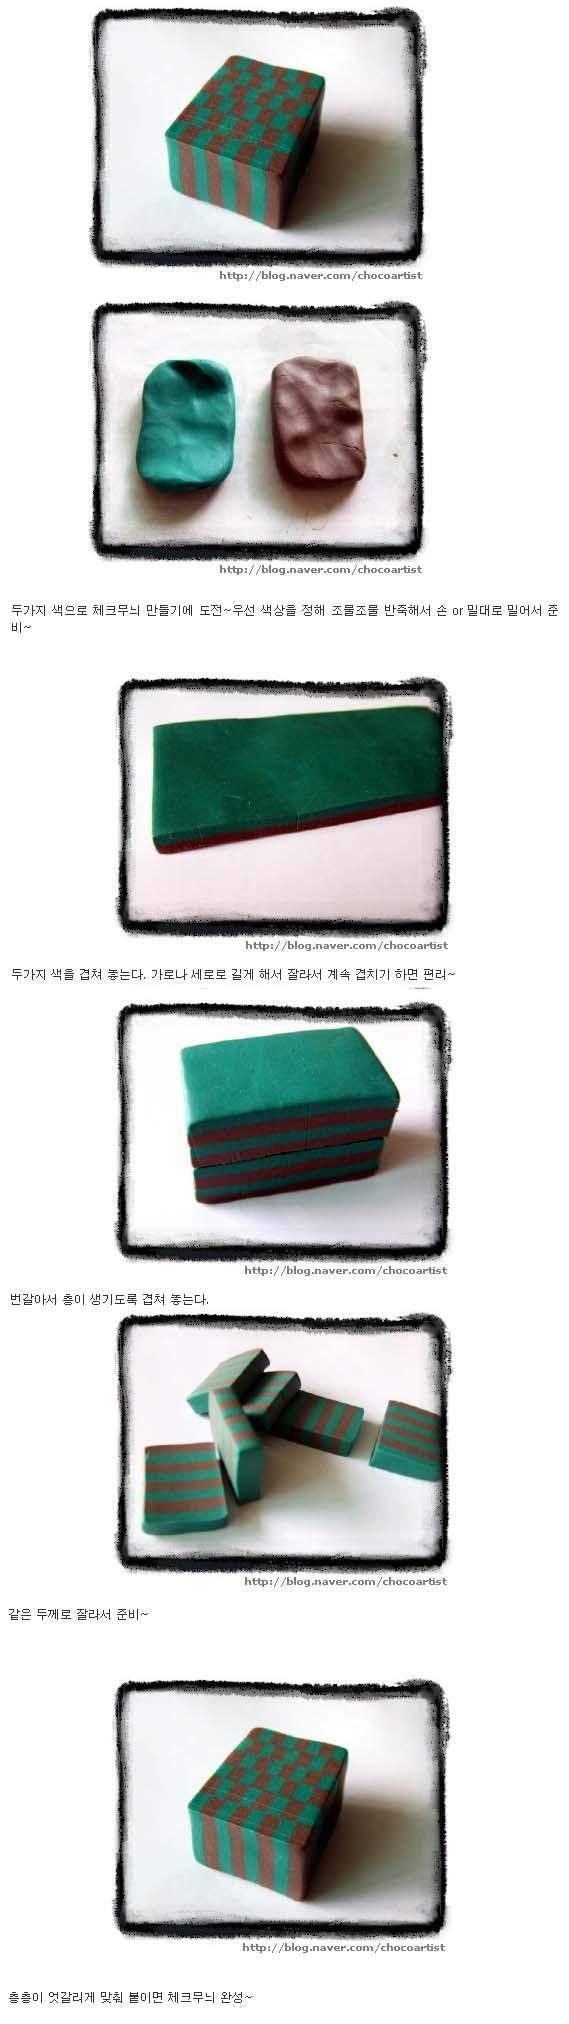 리치모리(핸드메이드 쥬얼리) | [폴리머 클레이 강좌] 체크무늬(바둑판 무늬) 케인 만들기 - Daum 카페